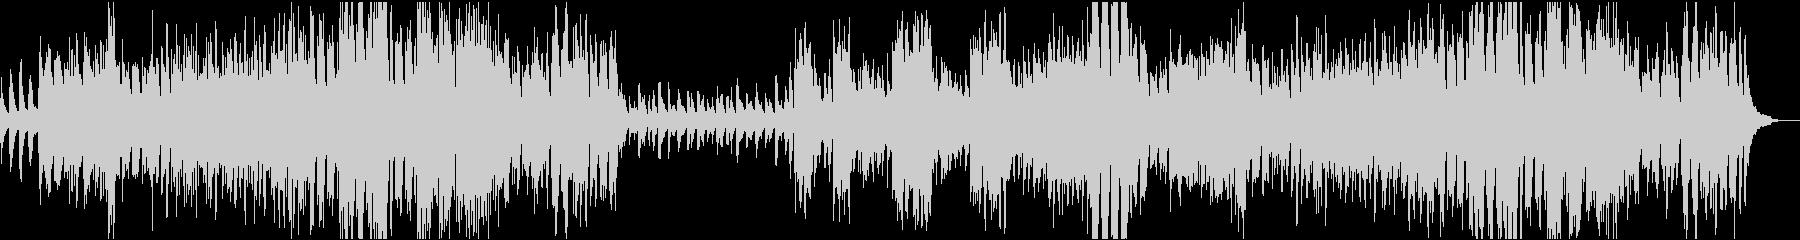 チャイコフスキー四季より9月狩りの歌の未再生の波形